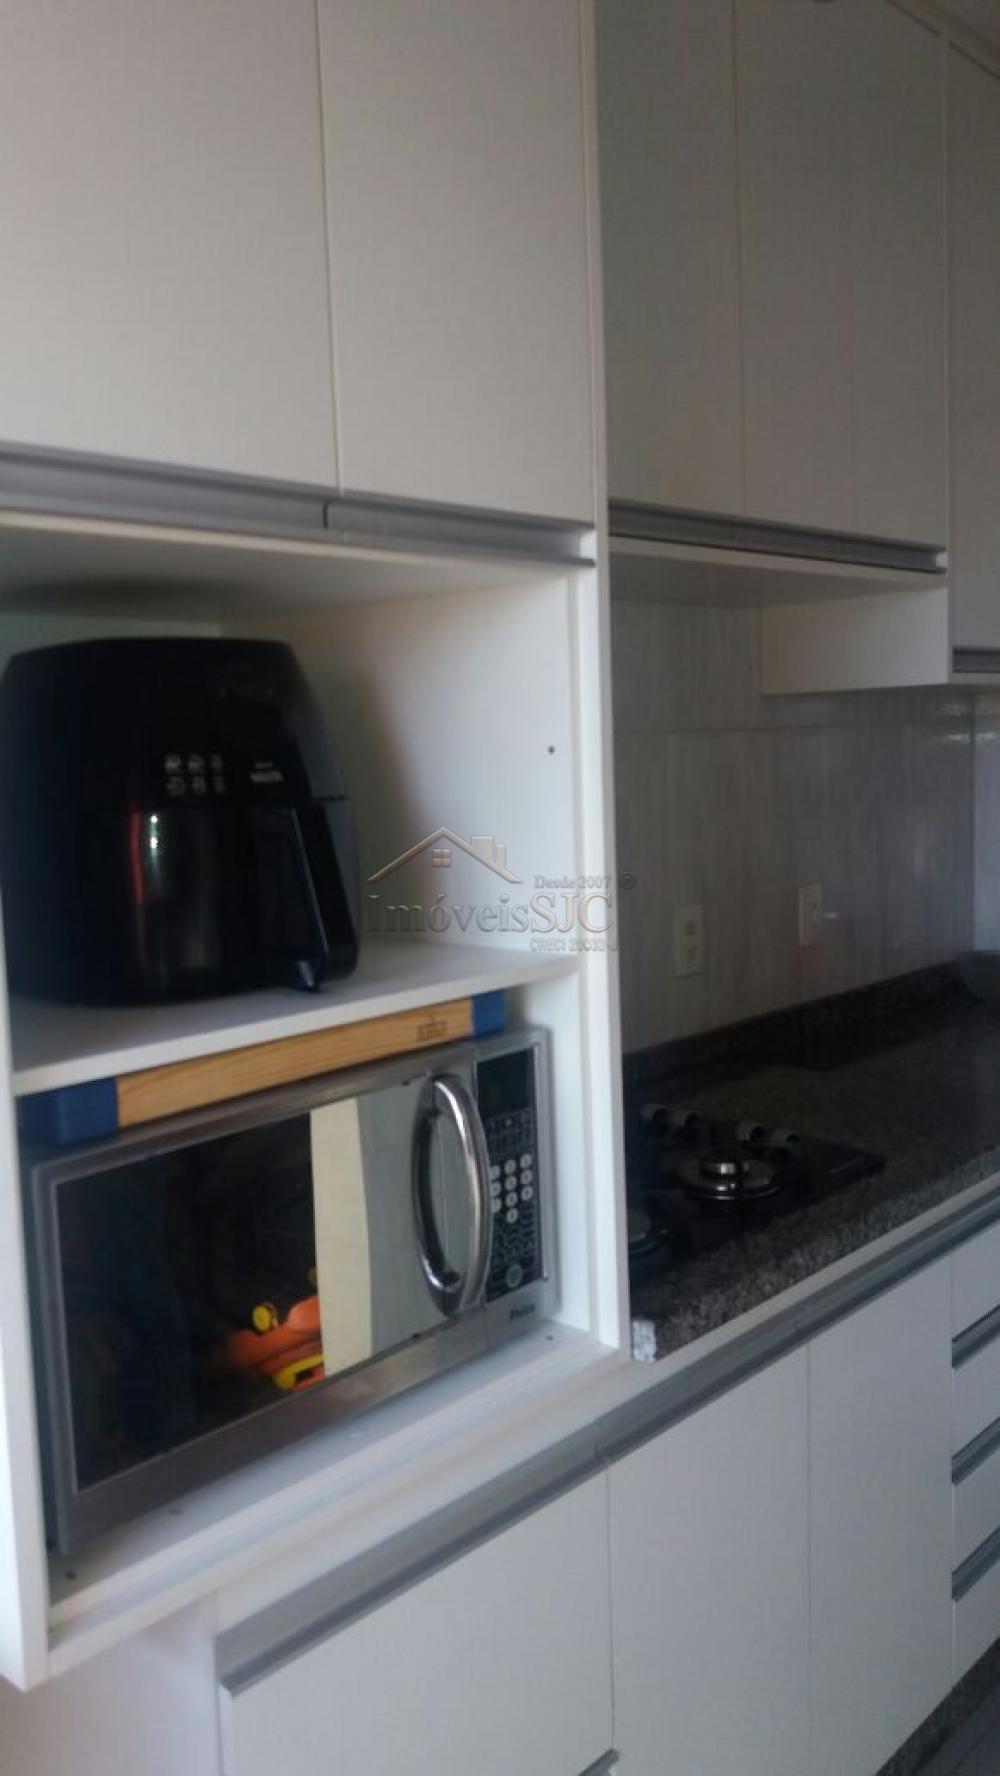 Comprar Apartamentos / Padrão em São José dos Campos apenas R$ 245.000,00 - Foto 10